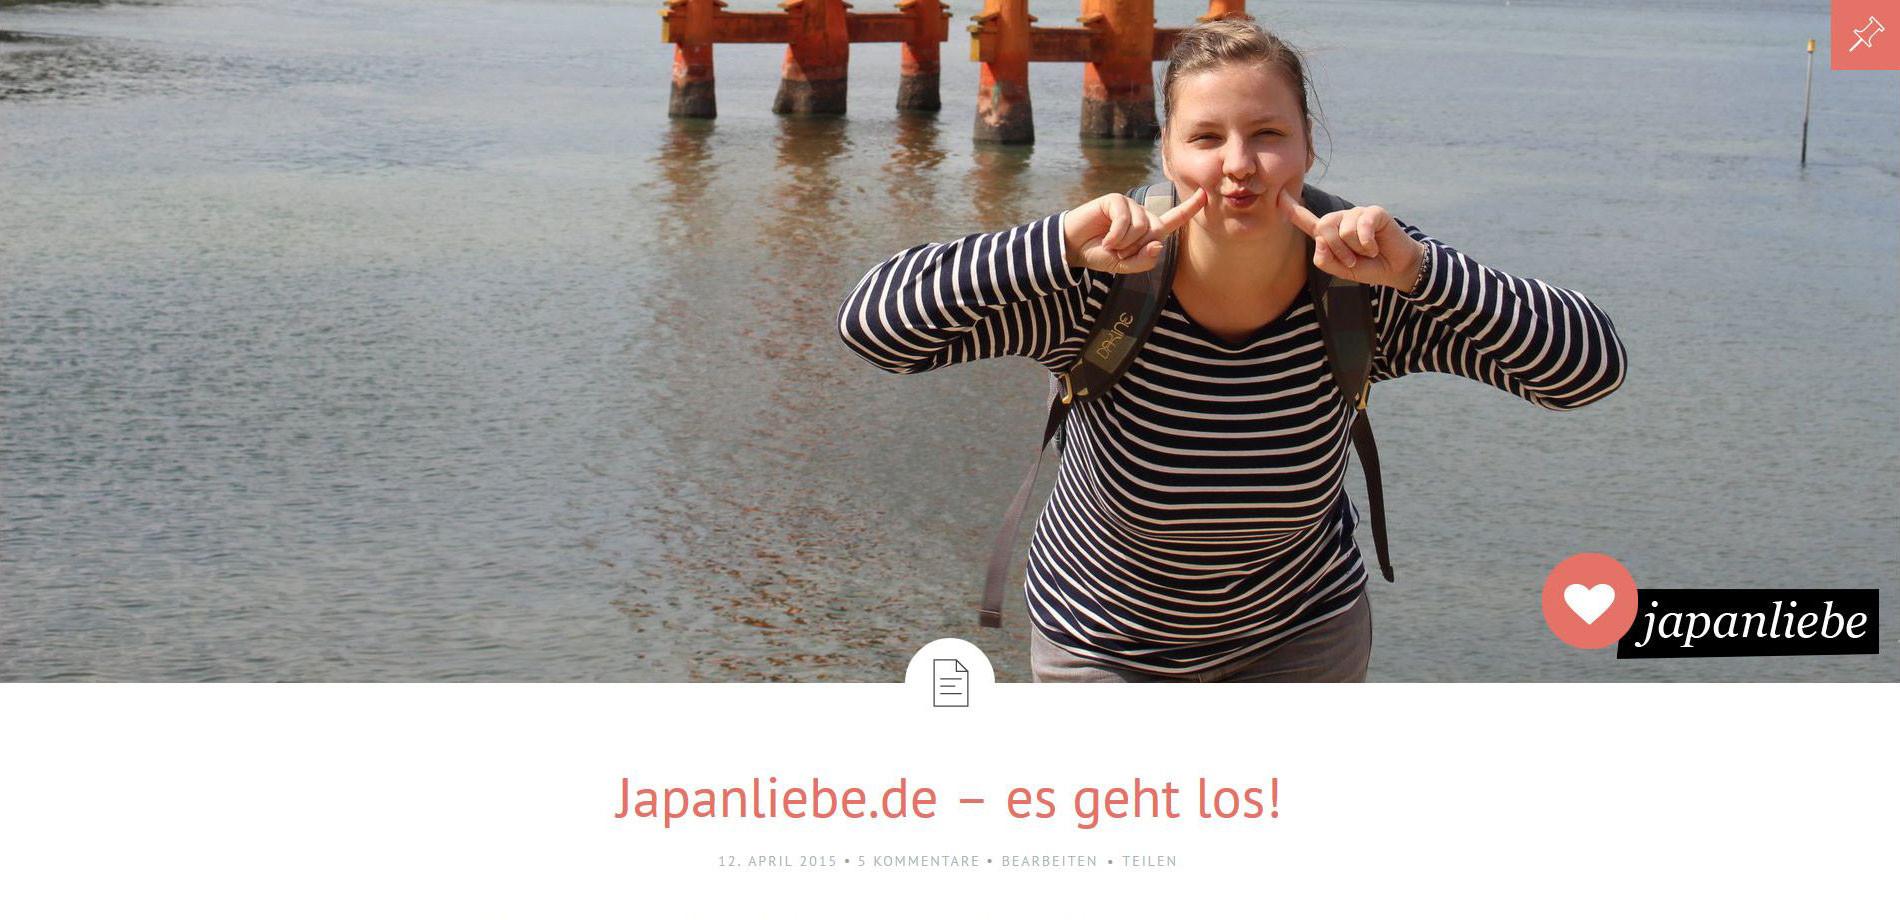 japanliebe.de feiert Einjähriges